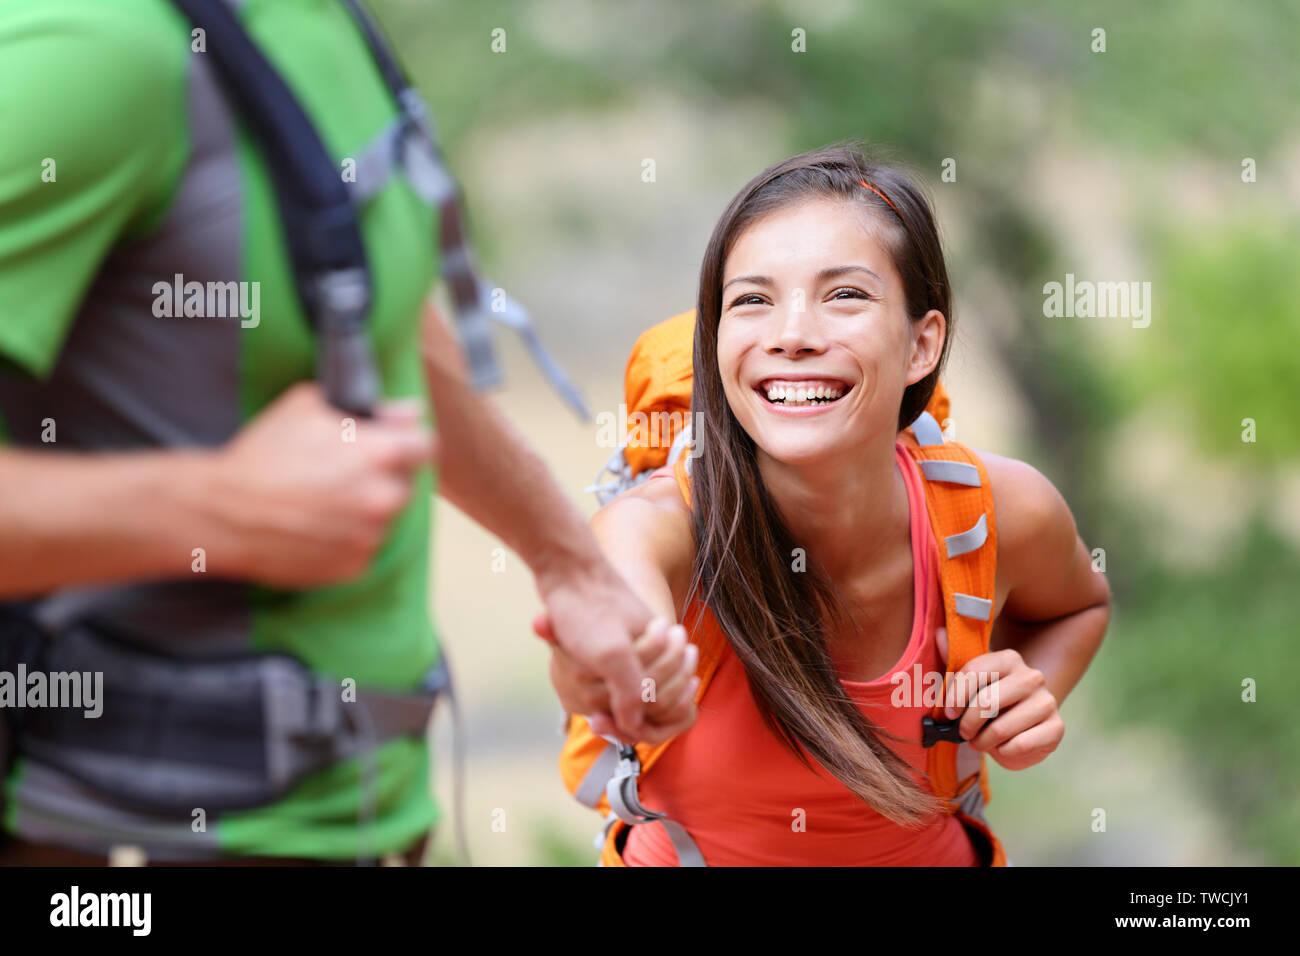 Mano - senderismo mujer obtener ayuda sobre caminata sonriendo feliz superar el obstáculo. Un estilo de vida activo excursionista pareja que viajaba. Hermosa raza mixta sonriente Asian caucásica modelo femenino. Foto de stock